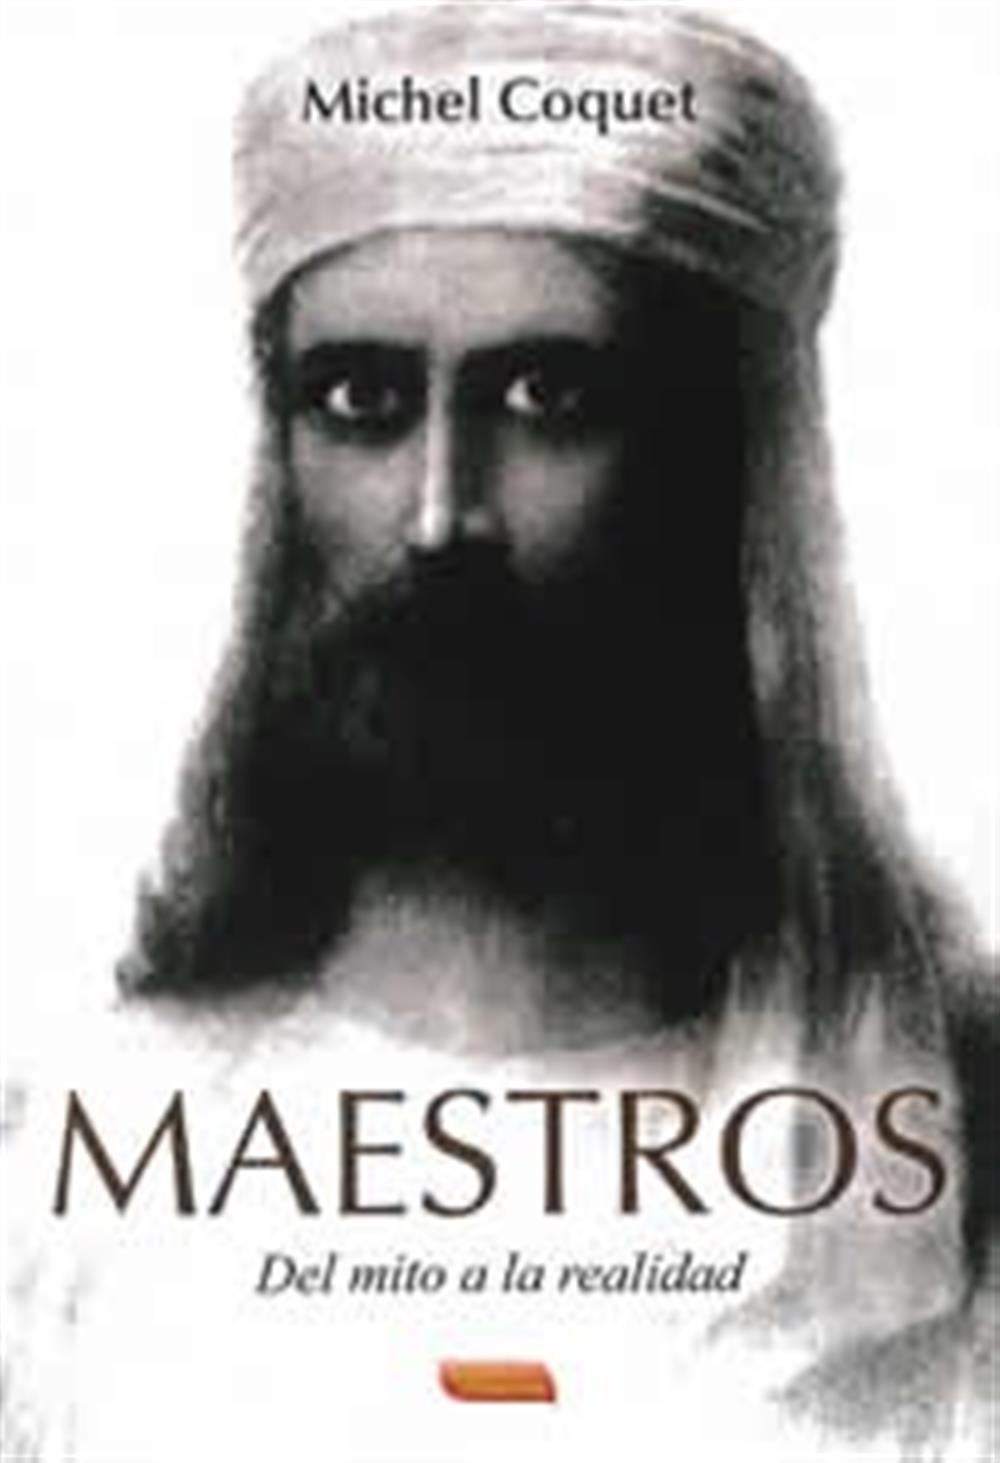 Maestros-Del  mito a la realidad